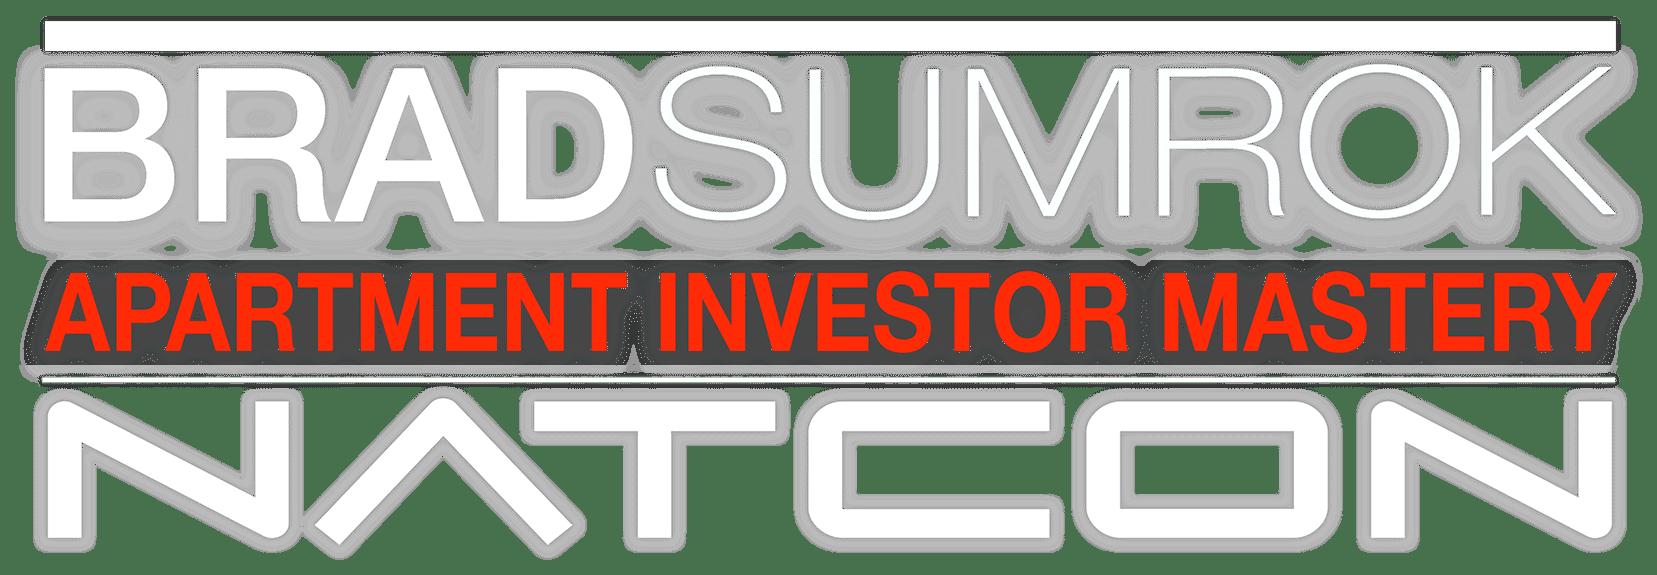 Brad Sumrok Apartment Investor Mastery AIMNATCON 2020 in Dallas, Texas